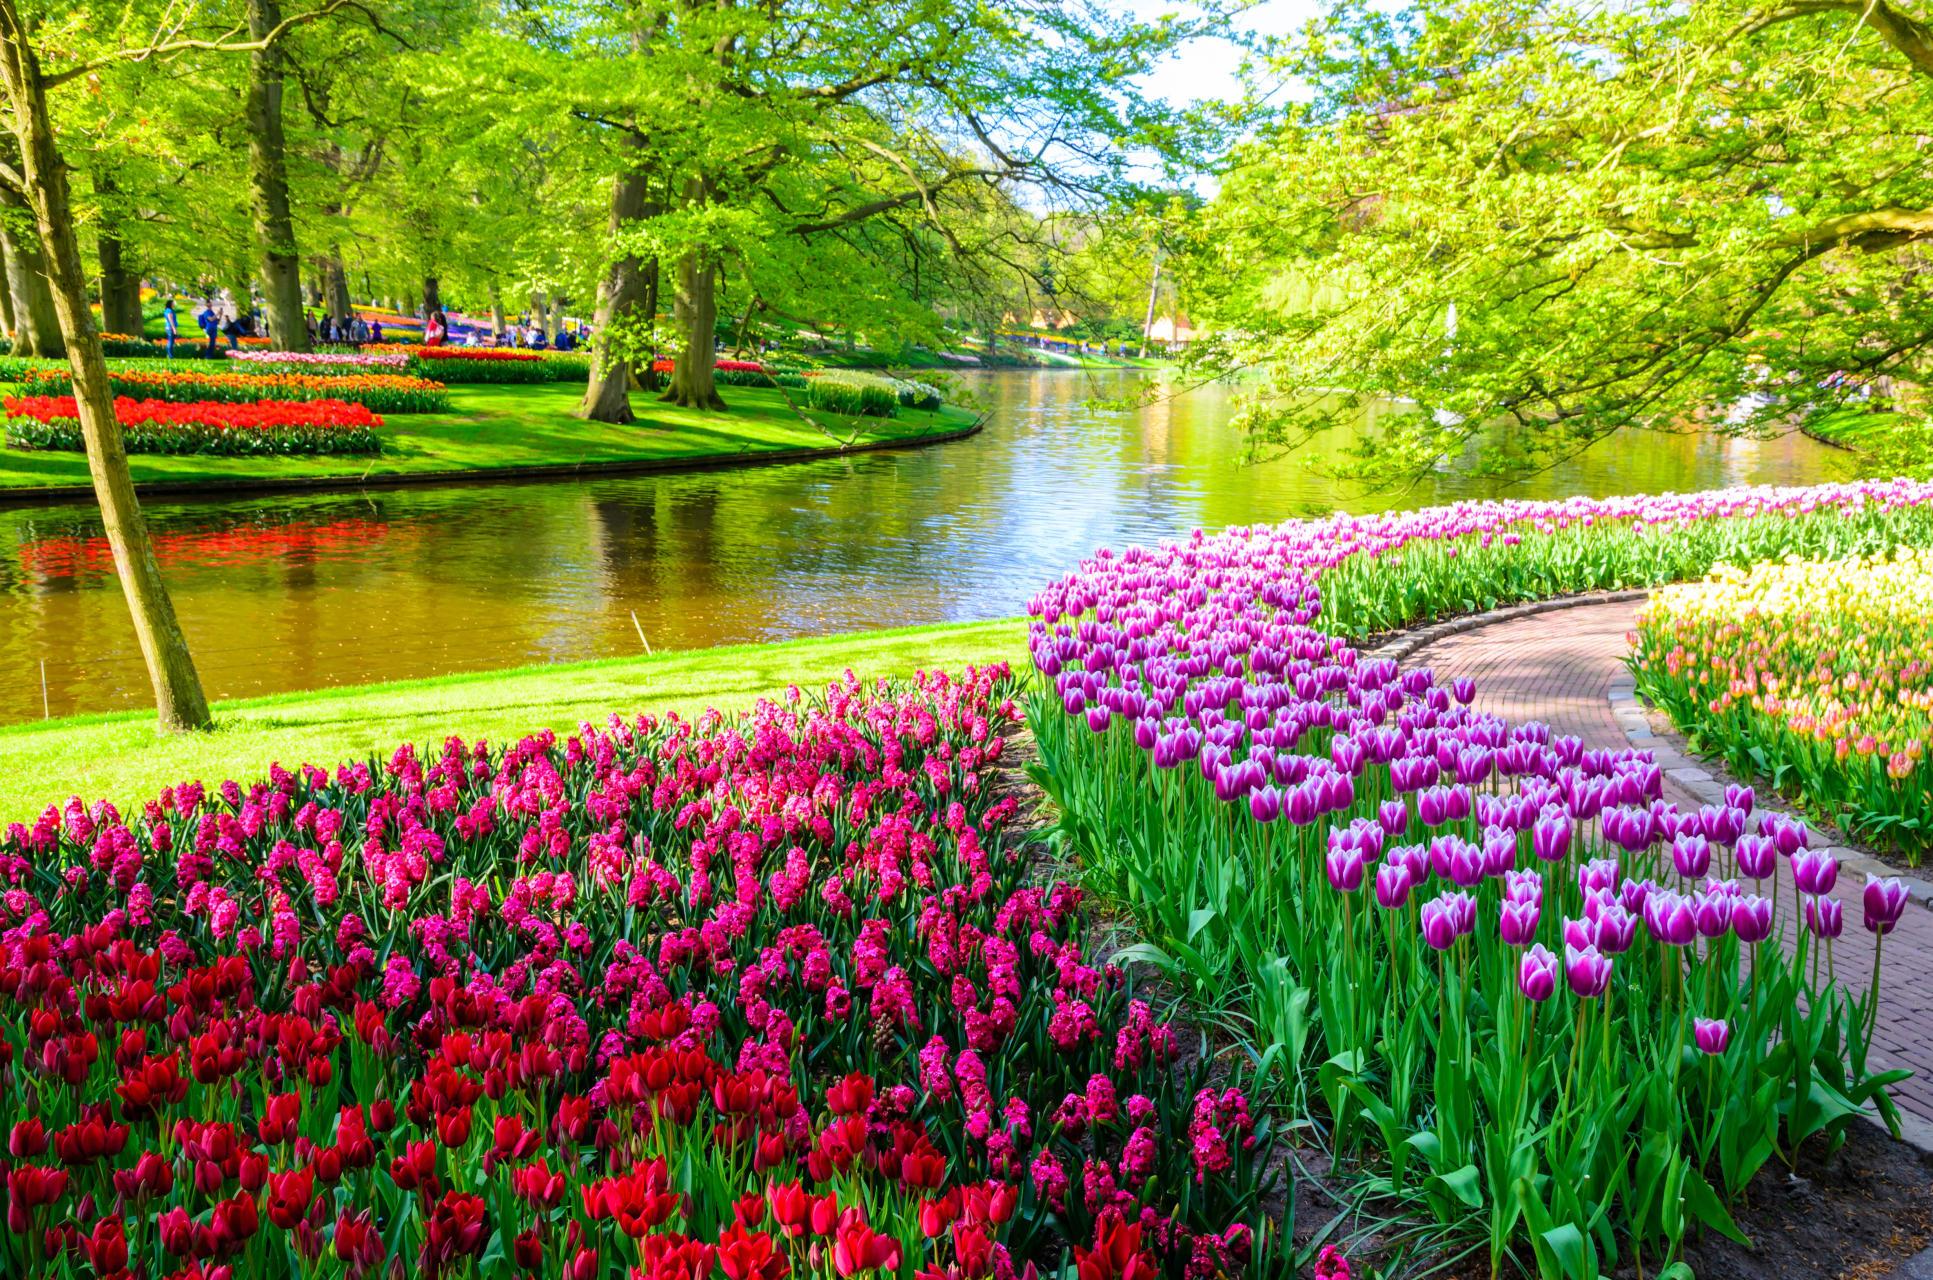 Amsterdam - Millions of Flowers in the Keukenhof Gardens